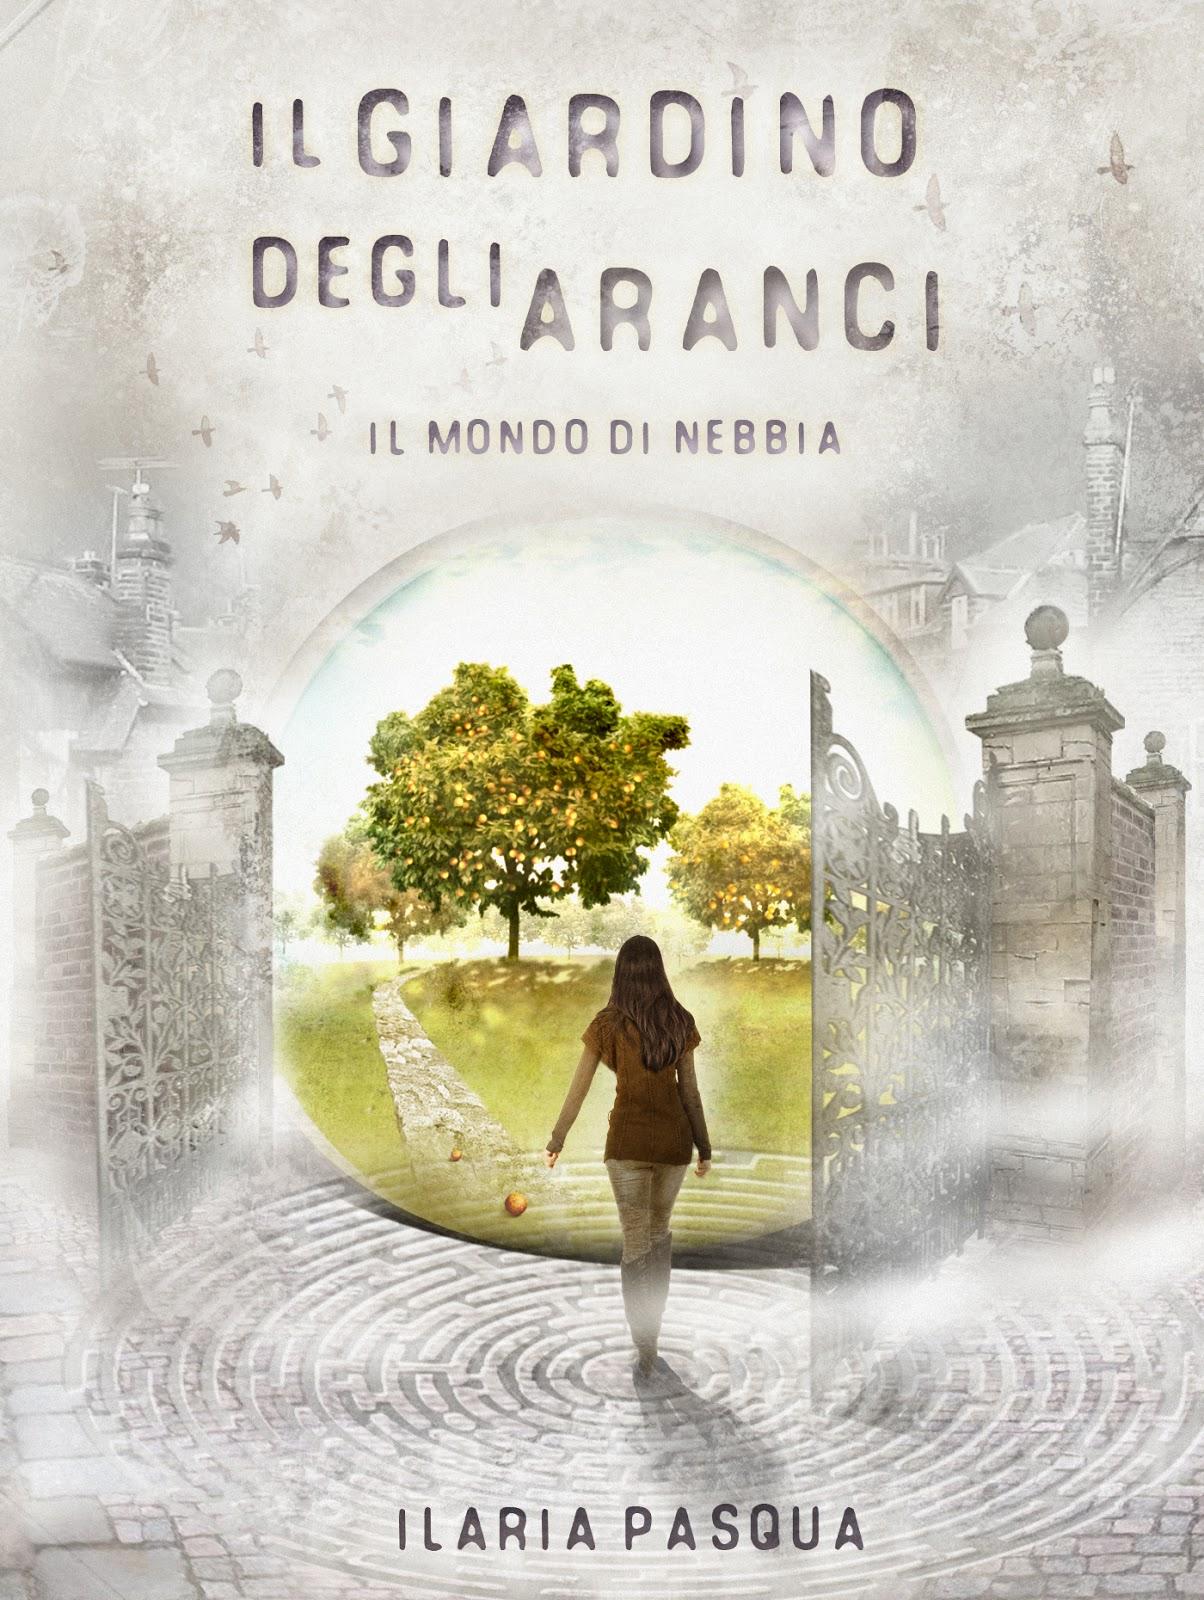 Reading is believing recensione il giardino degli aranci il mondo di nebbia di ilaria pasqua - Il giardino degli aranci frattamaggiore ...